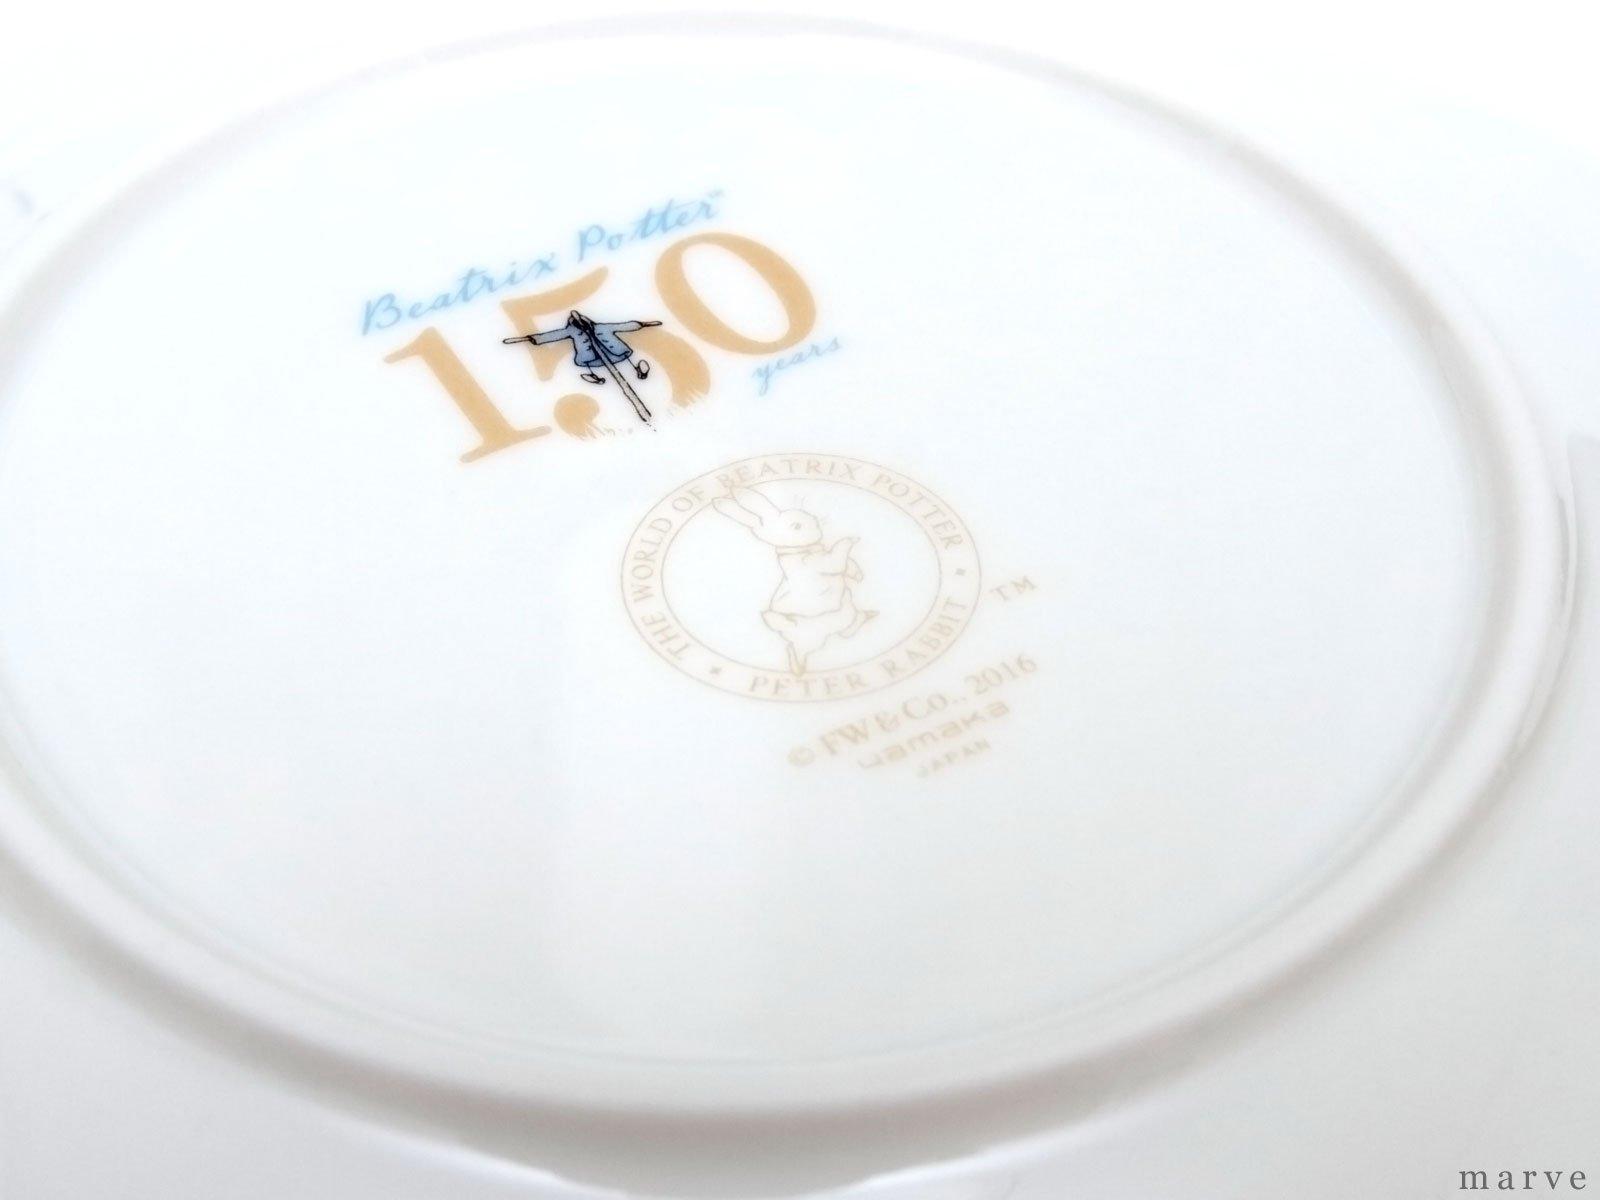 ピーターラビット 150周年プレート